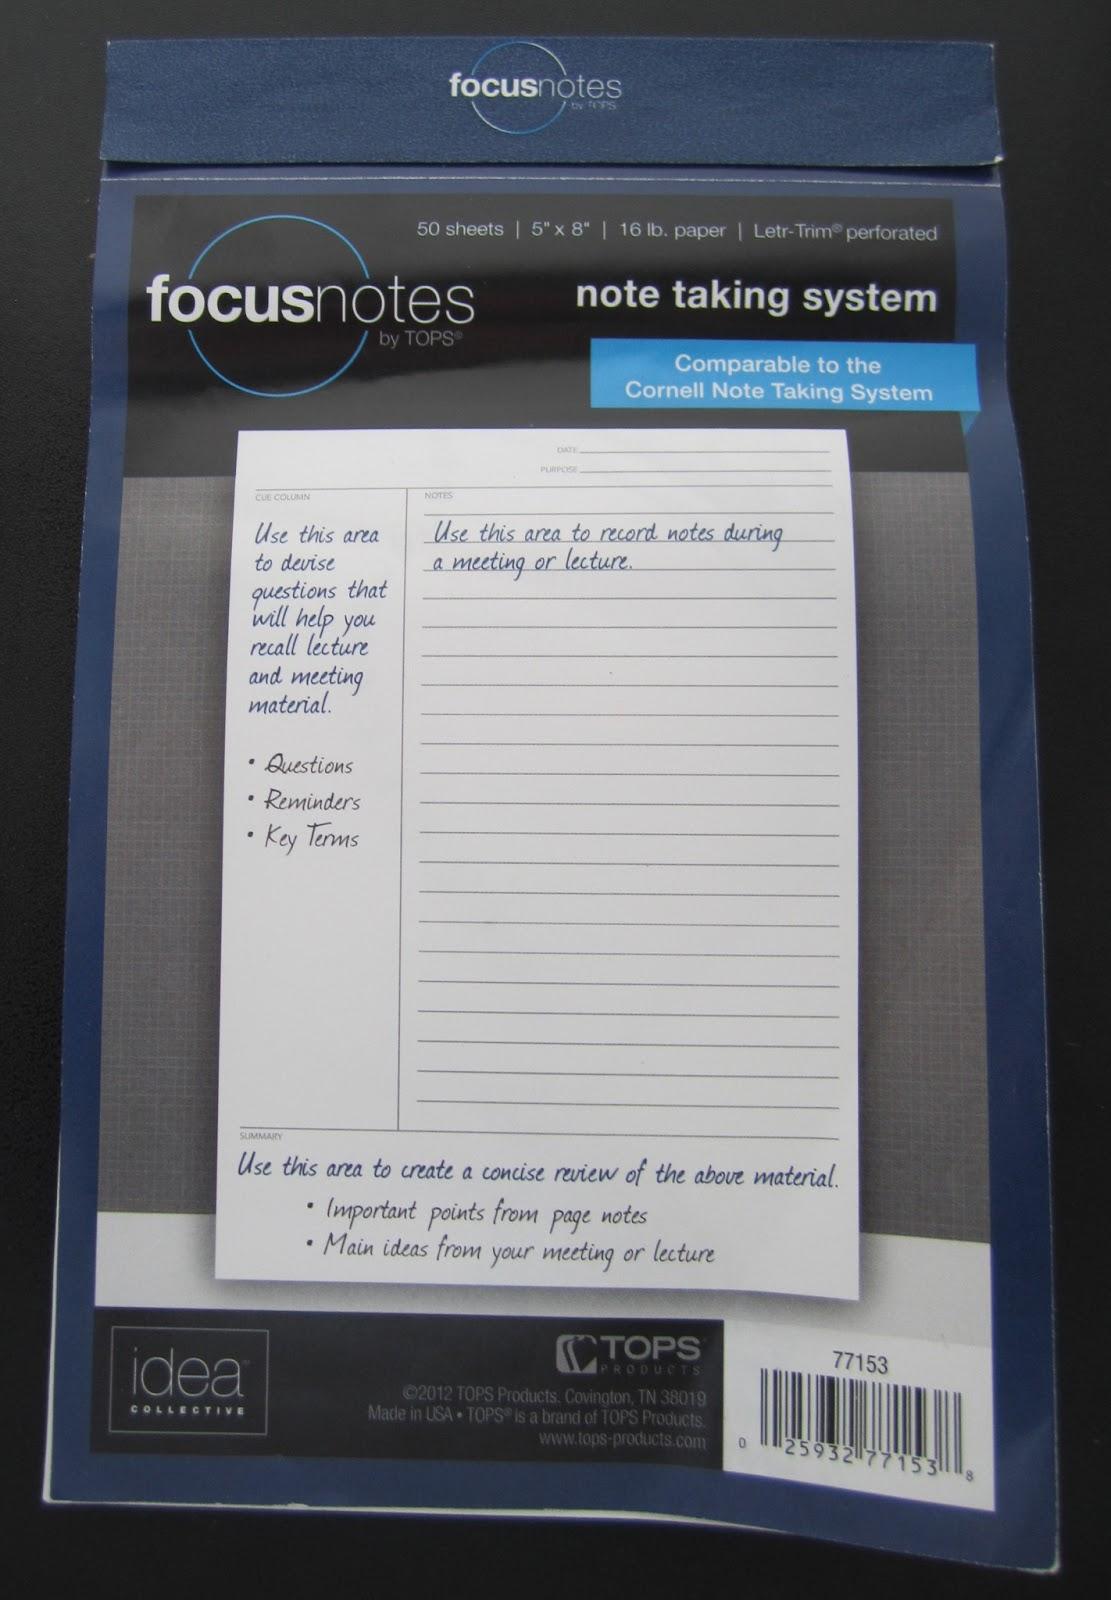 focus notes